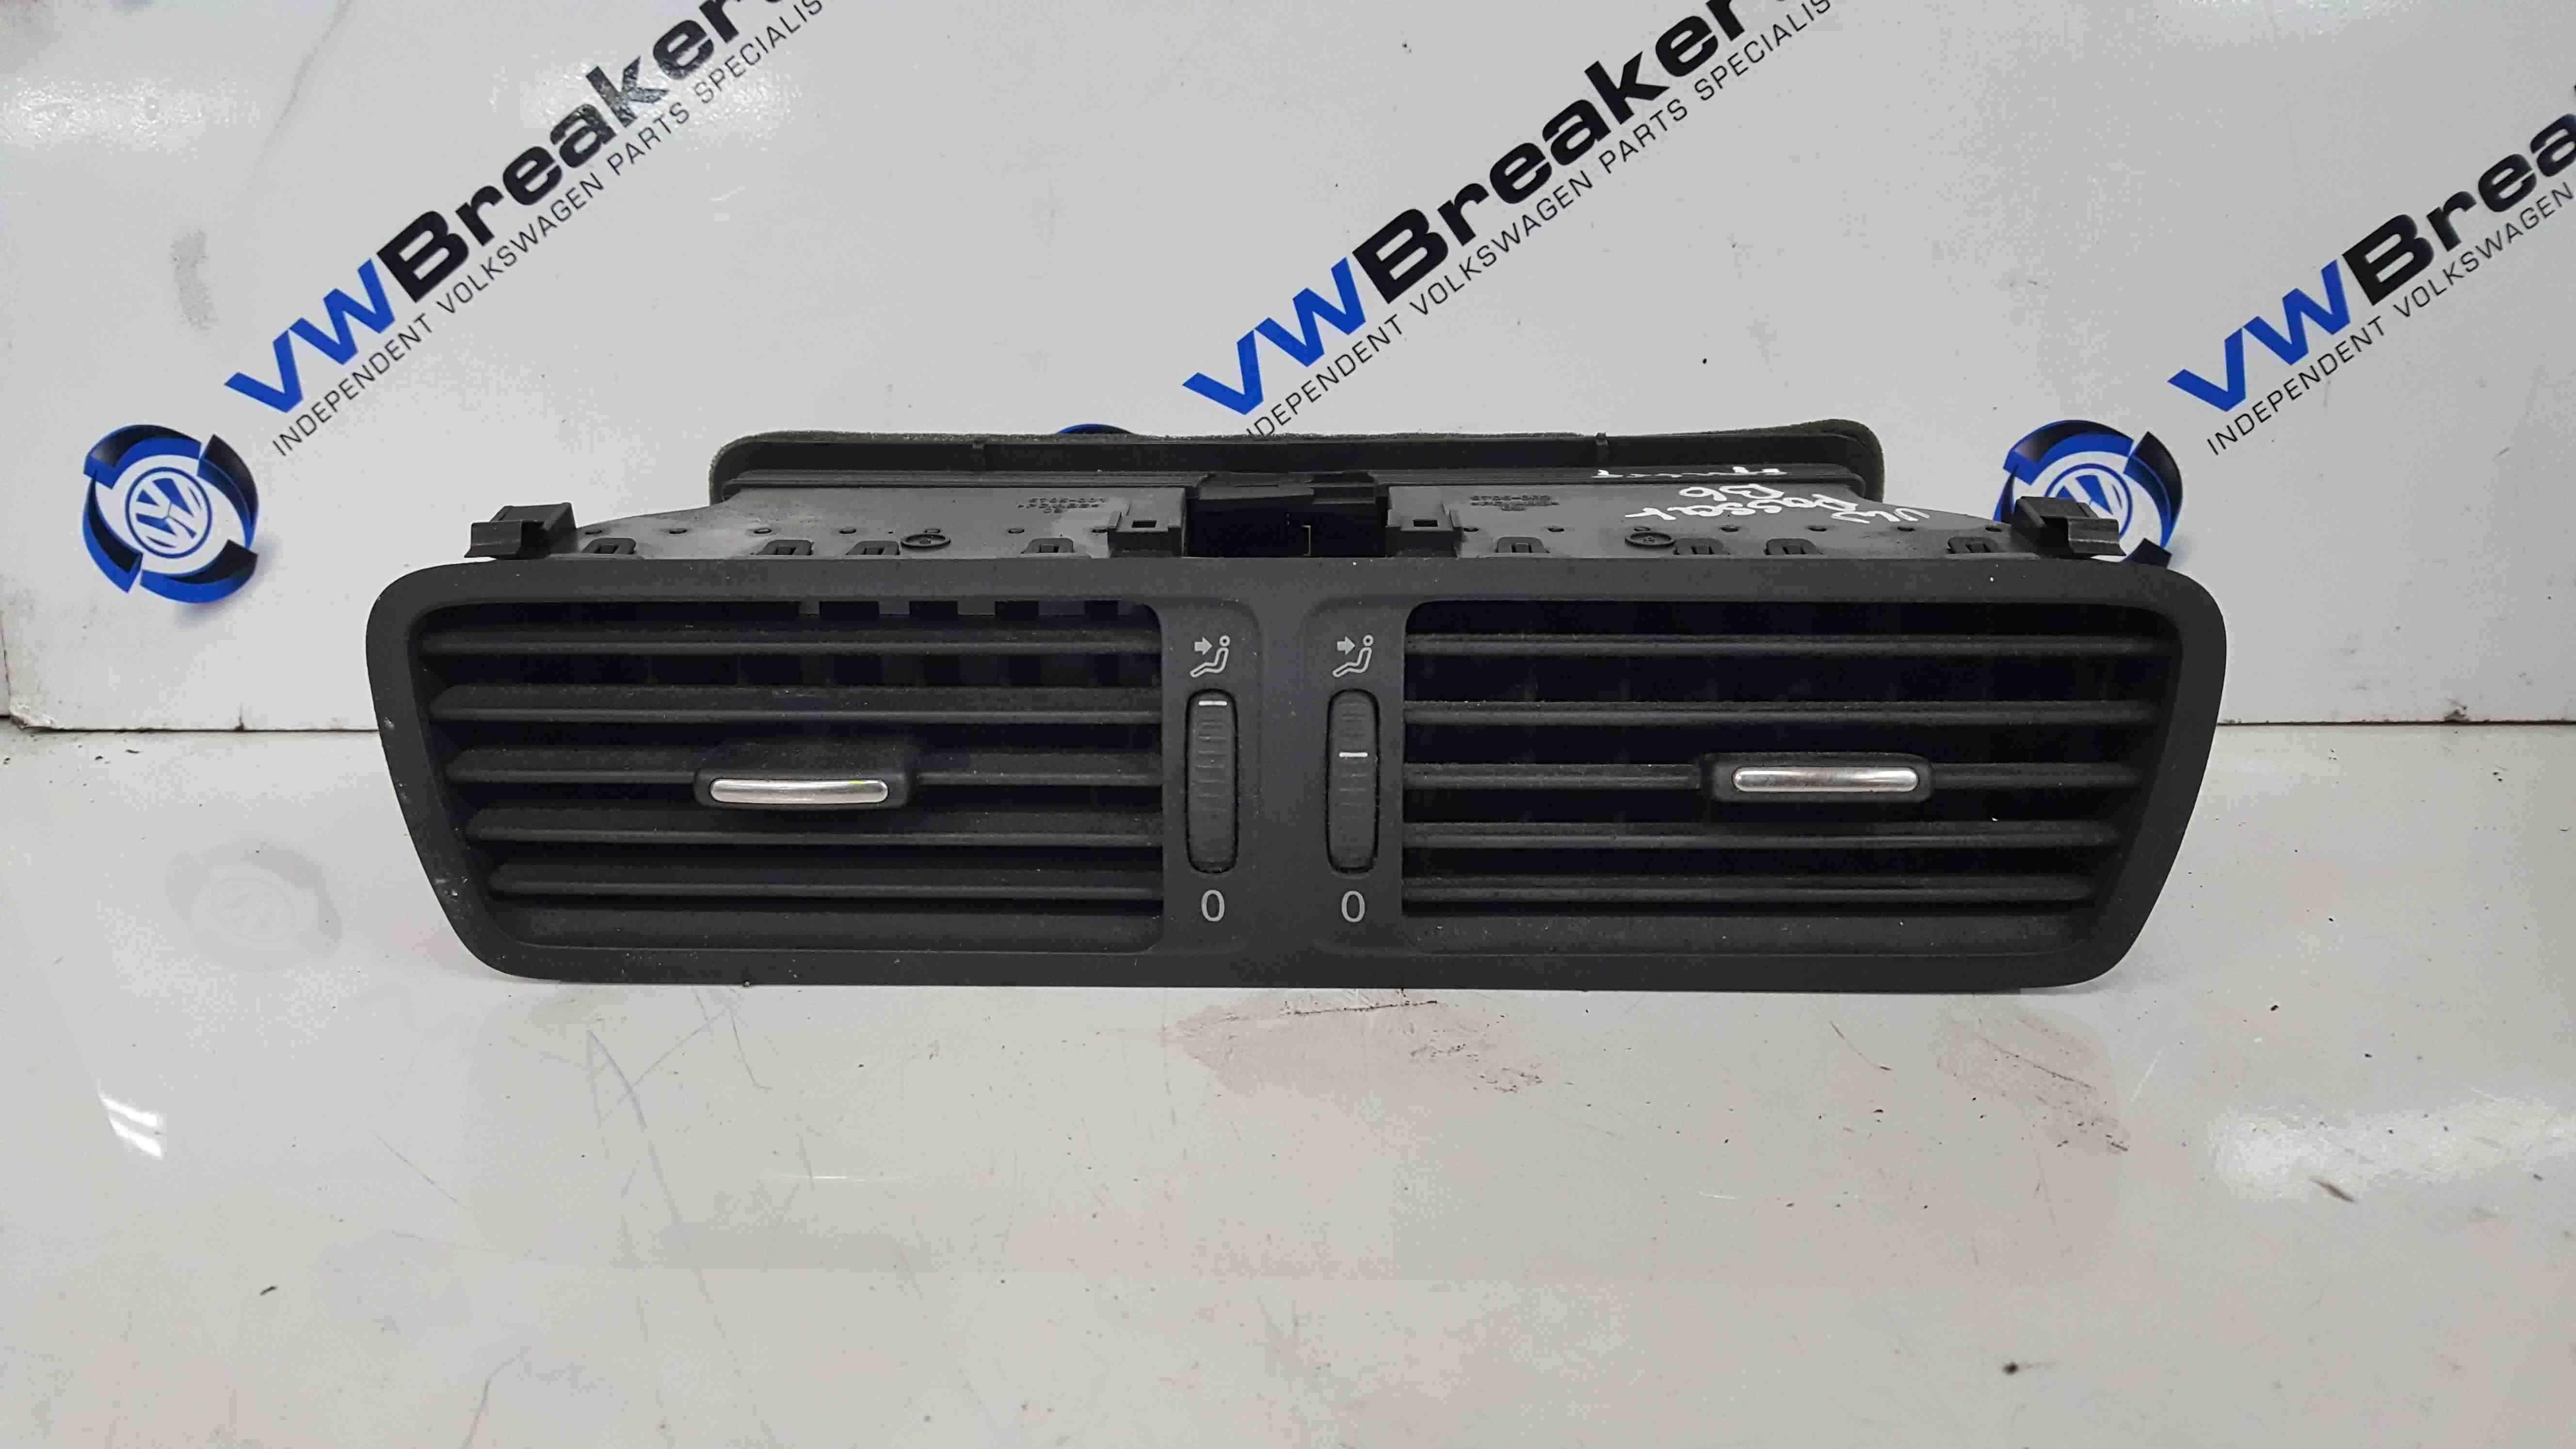 Volkswagen Passat B6 2005-2010 Centre Heater Vents 3C2819728D